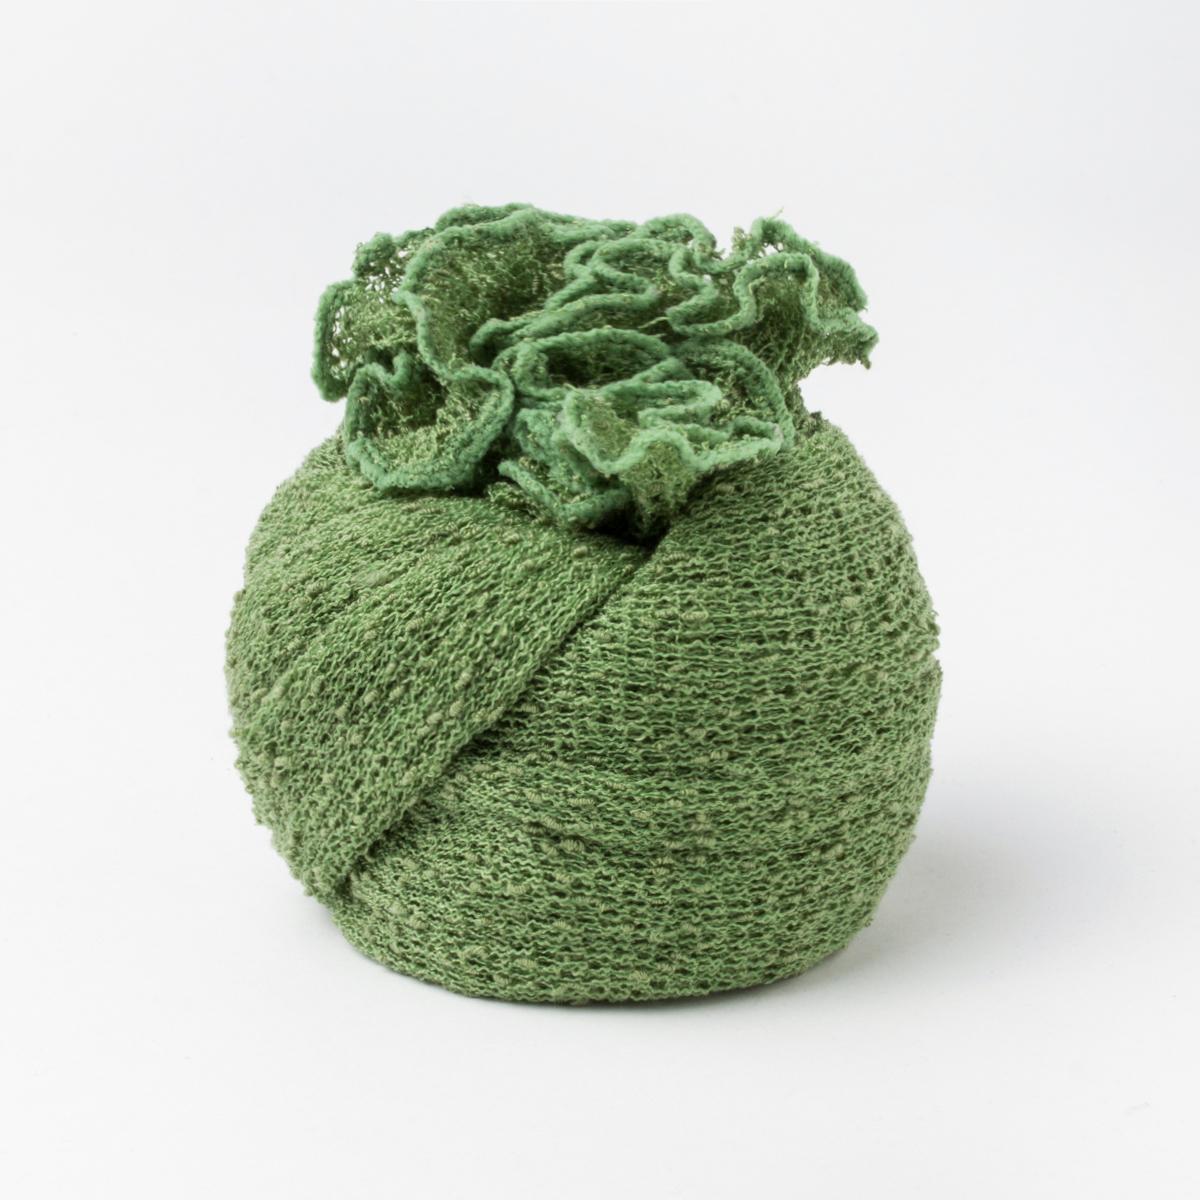 Ponchetto Verde Prato | Coprispalle estivo online